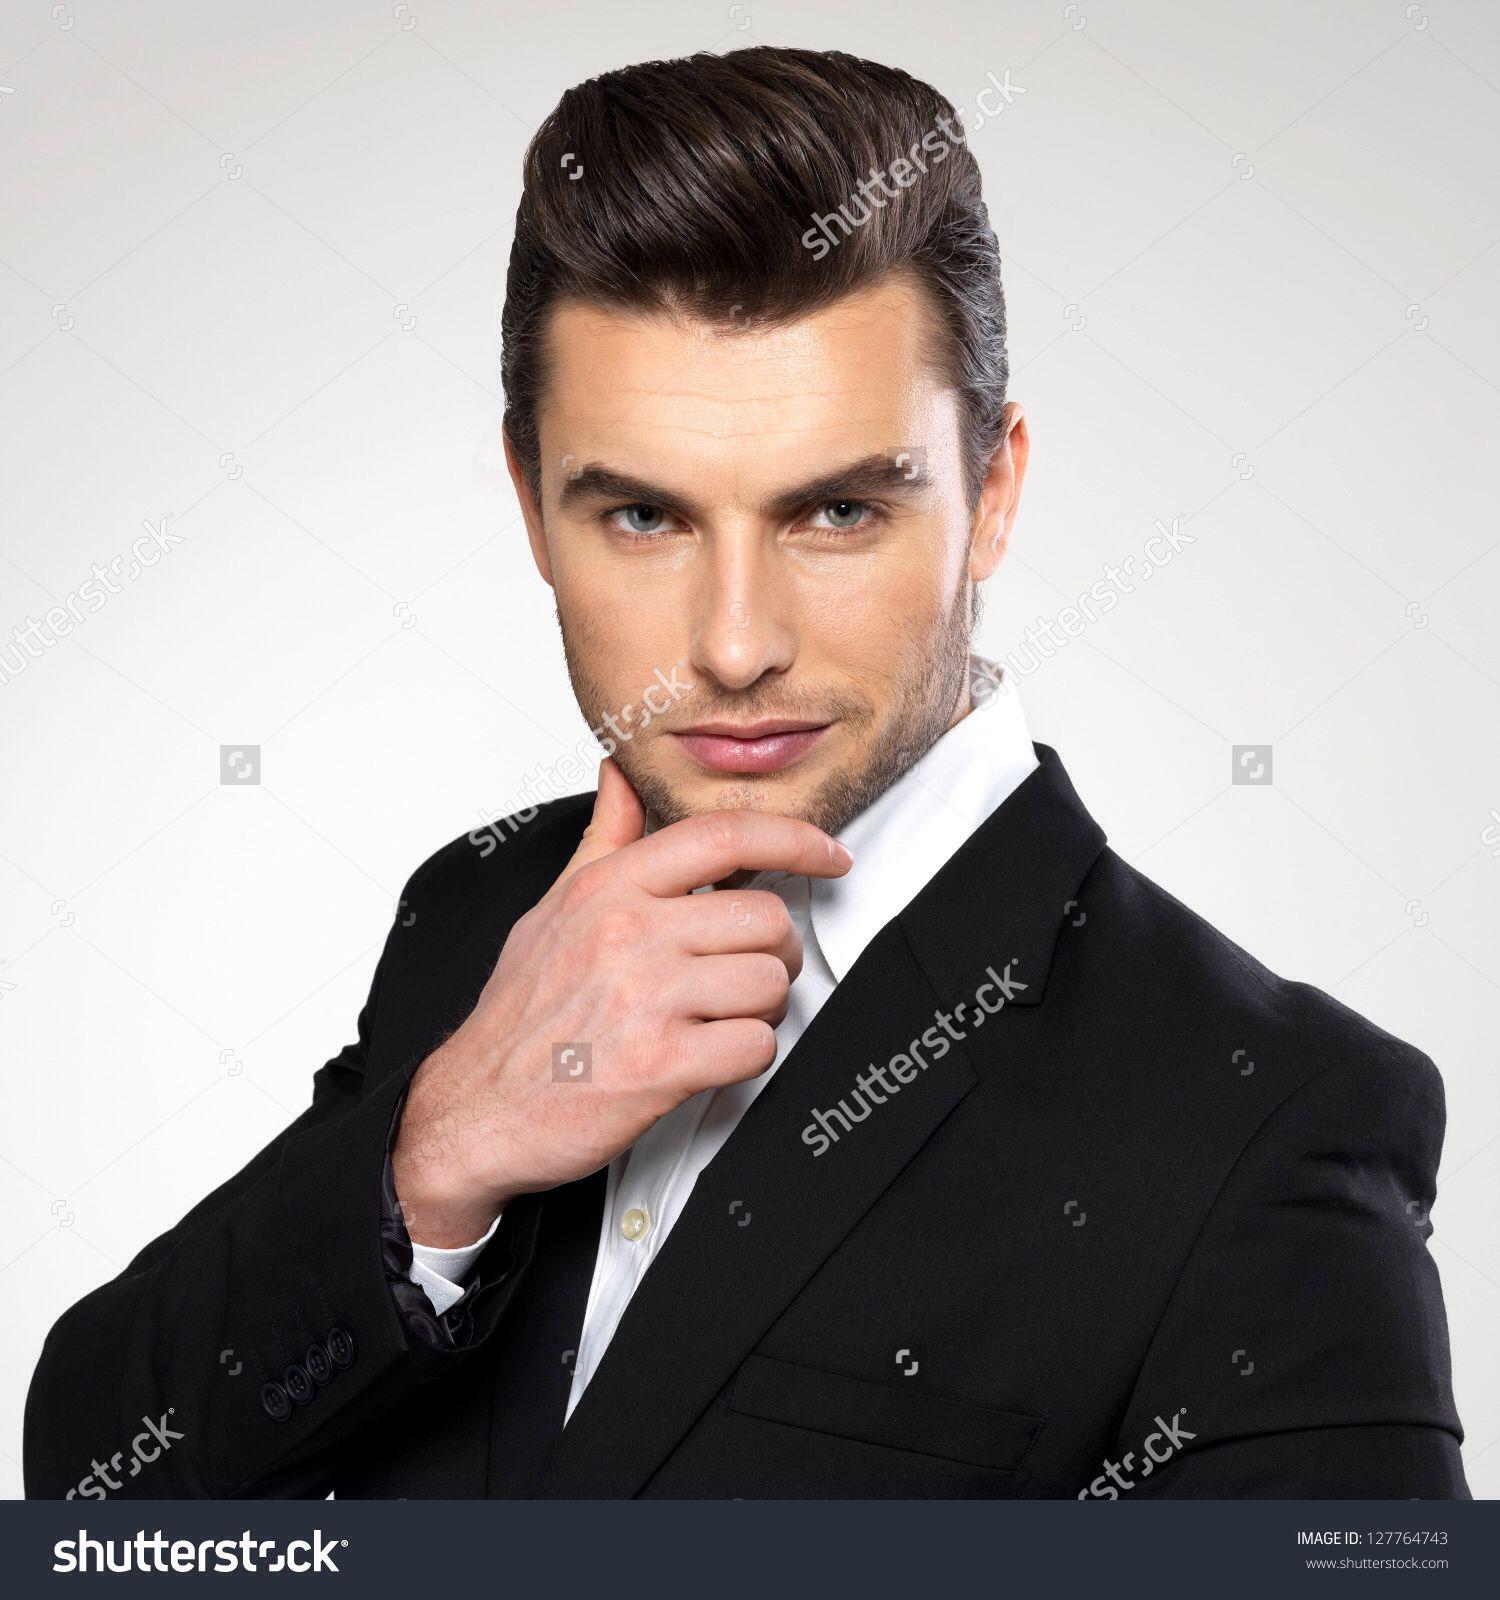 Businessman Haircut Mens Haircutting DemoBook Pinterest - Businessman haircut